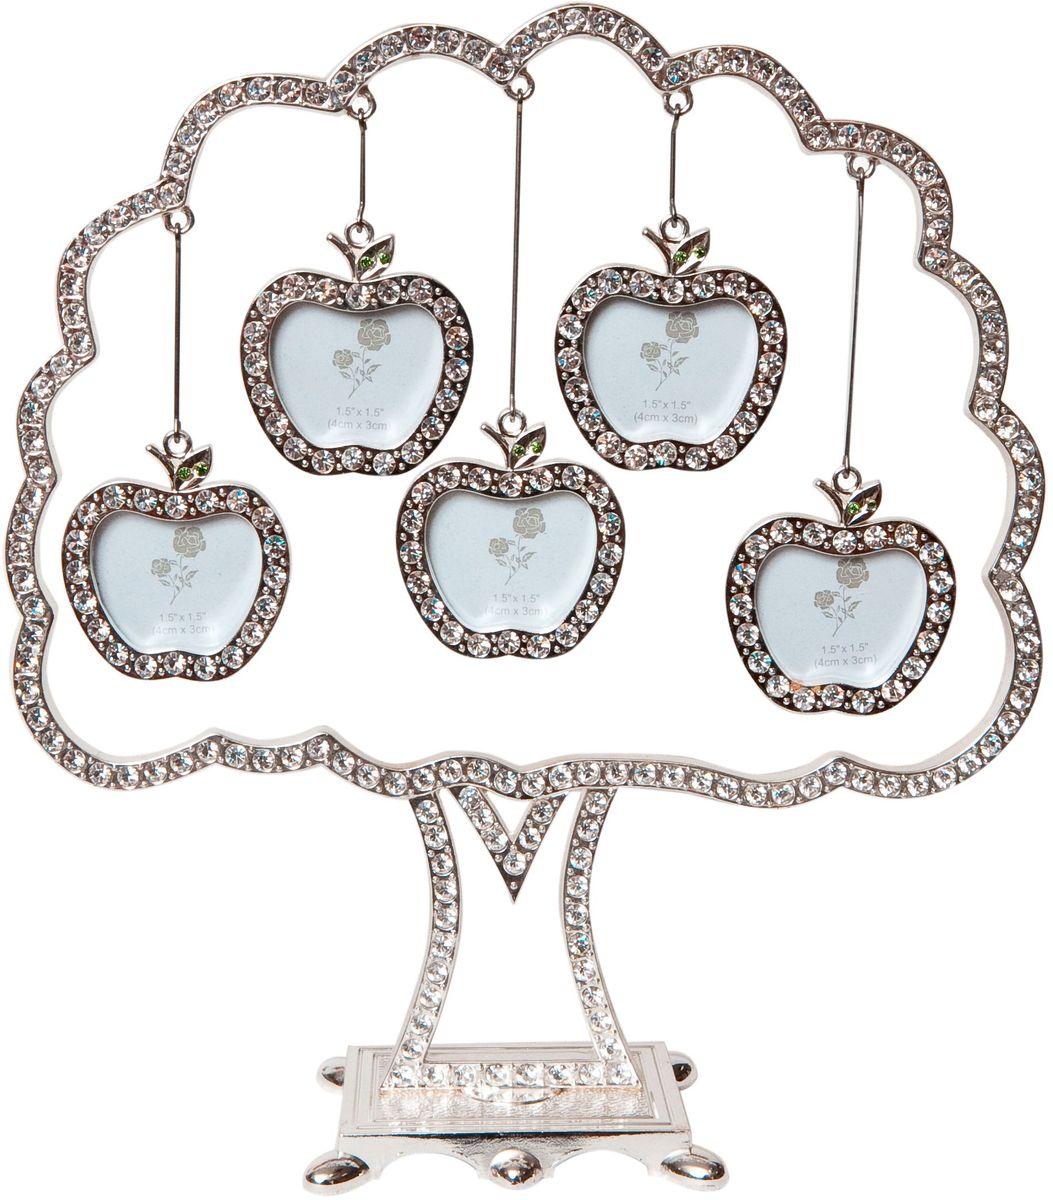 Фоторамка Platinum Дерево, цвет: светло-серый, на 5 фото, 5 x 6 см. PF9707B5 фоторамок на дереве PF9707BДекоративная фоторамка Platinum Дерево выполнена из металла и декорирована стразами. На подставку в виде деревца подвешиваются пять фоторамок в форме яблок. Изысканная и эффектная, эта потрясающая рамочка покорит своей красотой и изумительным качеством исполнения. Декоративная фоторамка Platinum Дерево не только украсит интерьер помещения, но и поможет разместить фото всей вашей семьи. Высота фоторамки: 19,5 см. Фоторамка подходит для фотографий 5 x 6 см. Общий размер фоторамки: 18,5 х 4,5 х 19,5 см.